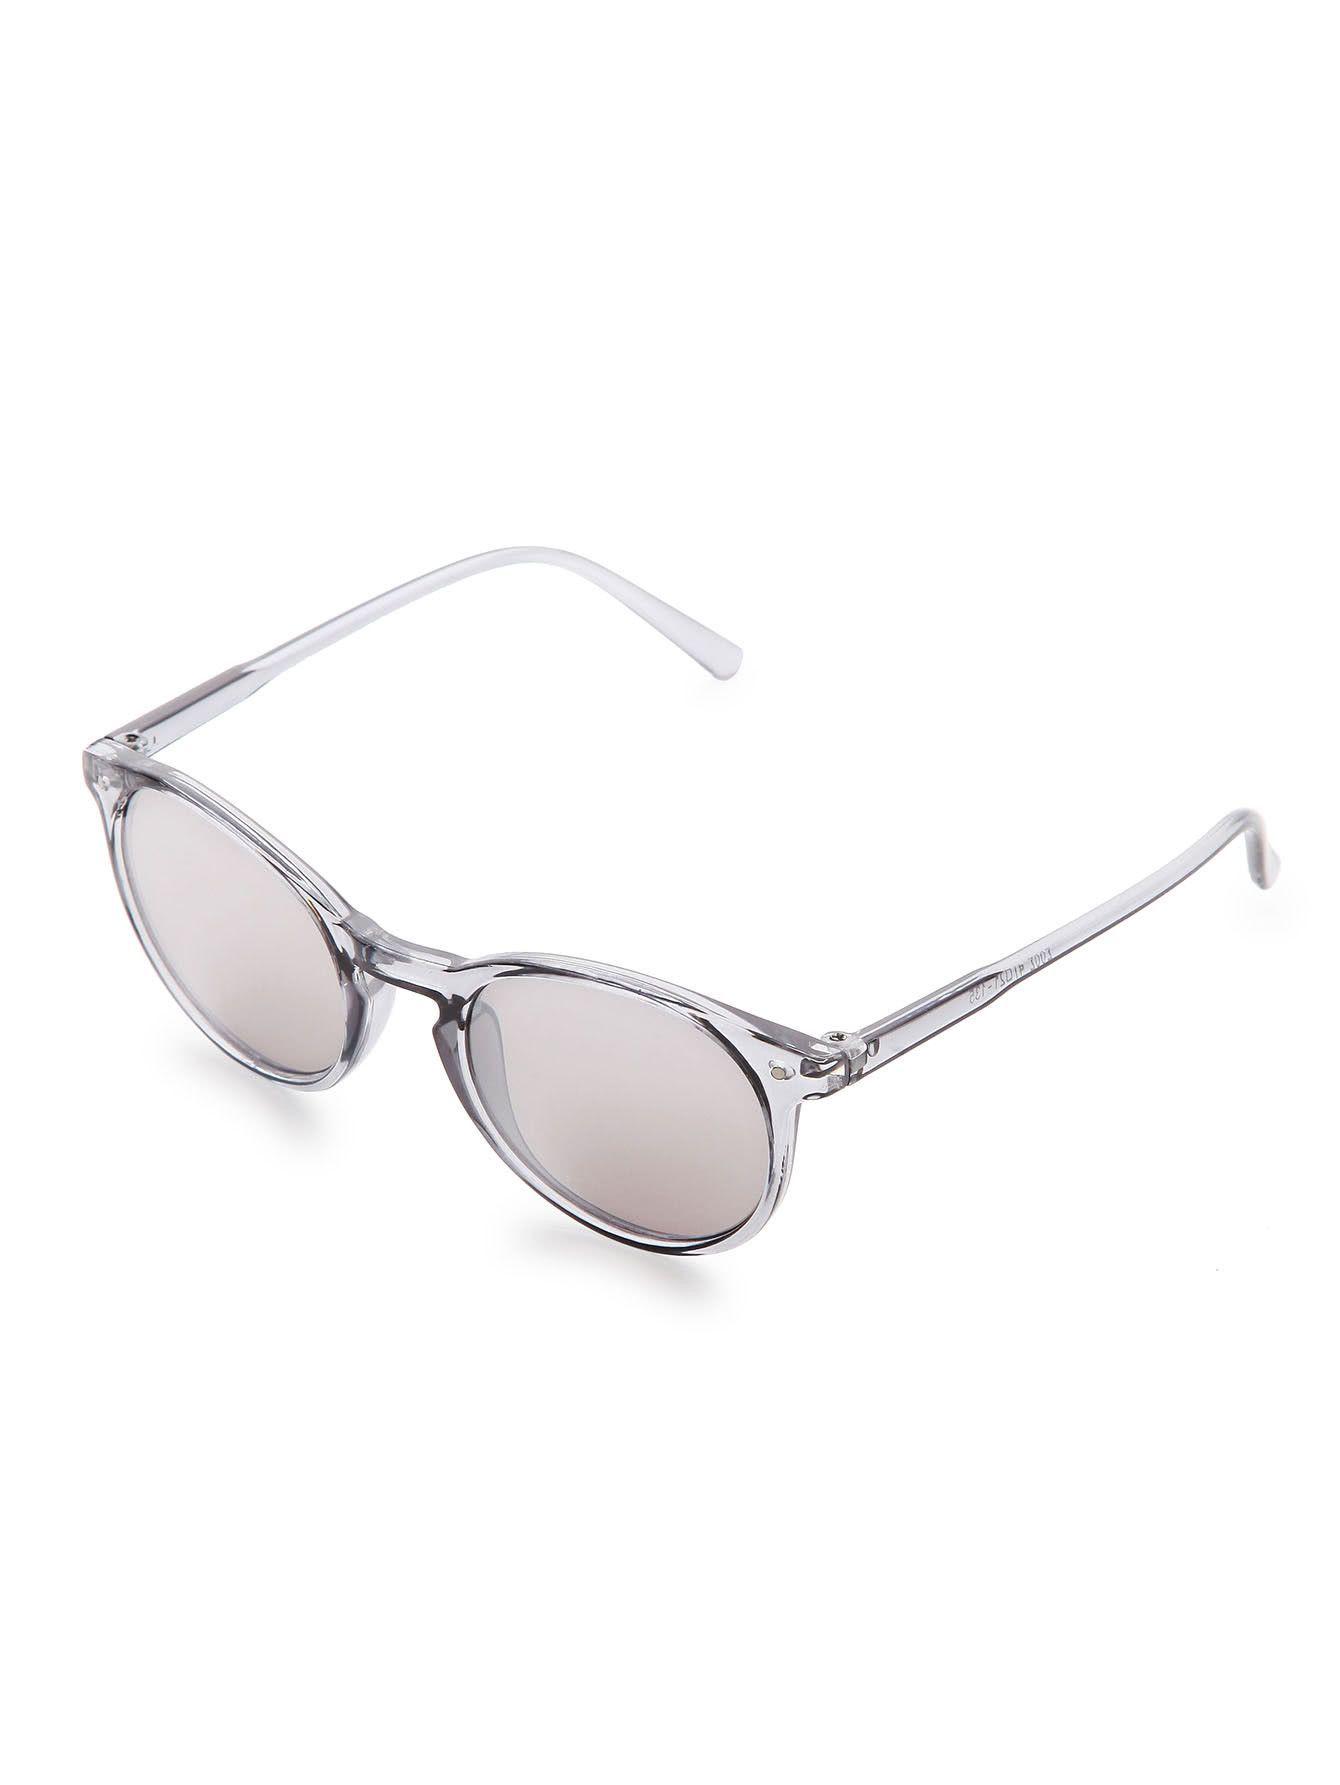 Sliver Frame Grey Lens Sunglasses | ! ♕ Gift Ideas ! ♕ | Pinterest